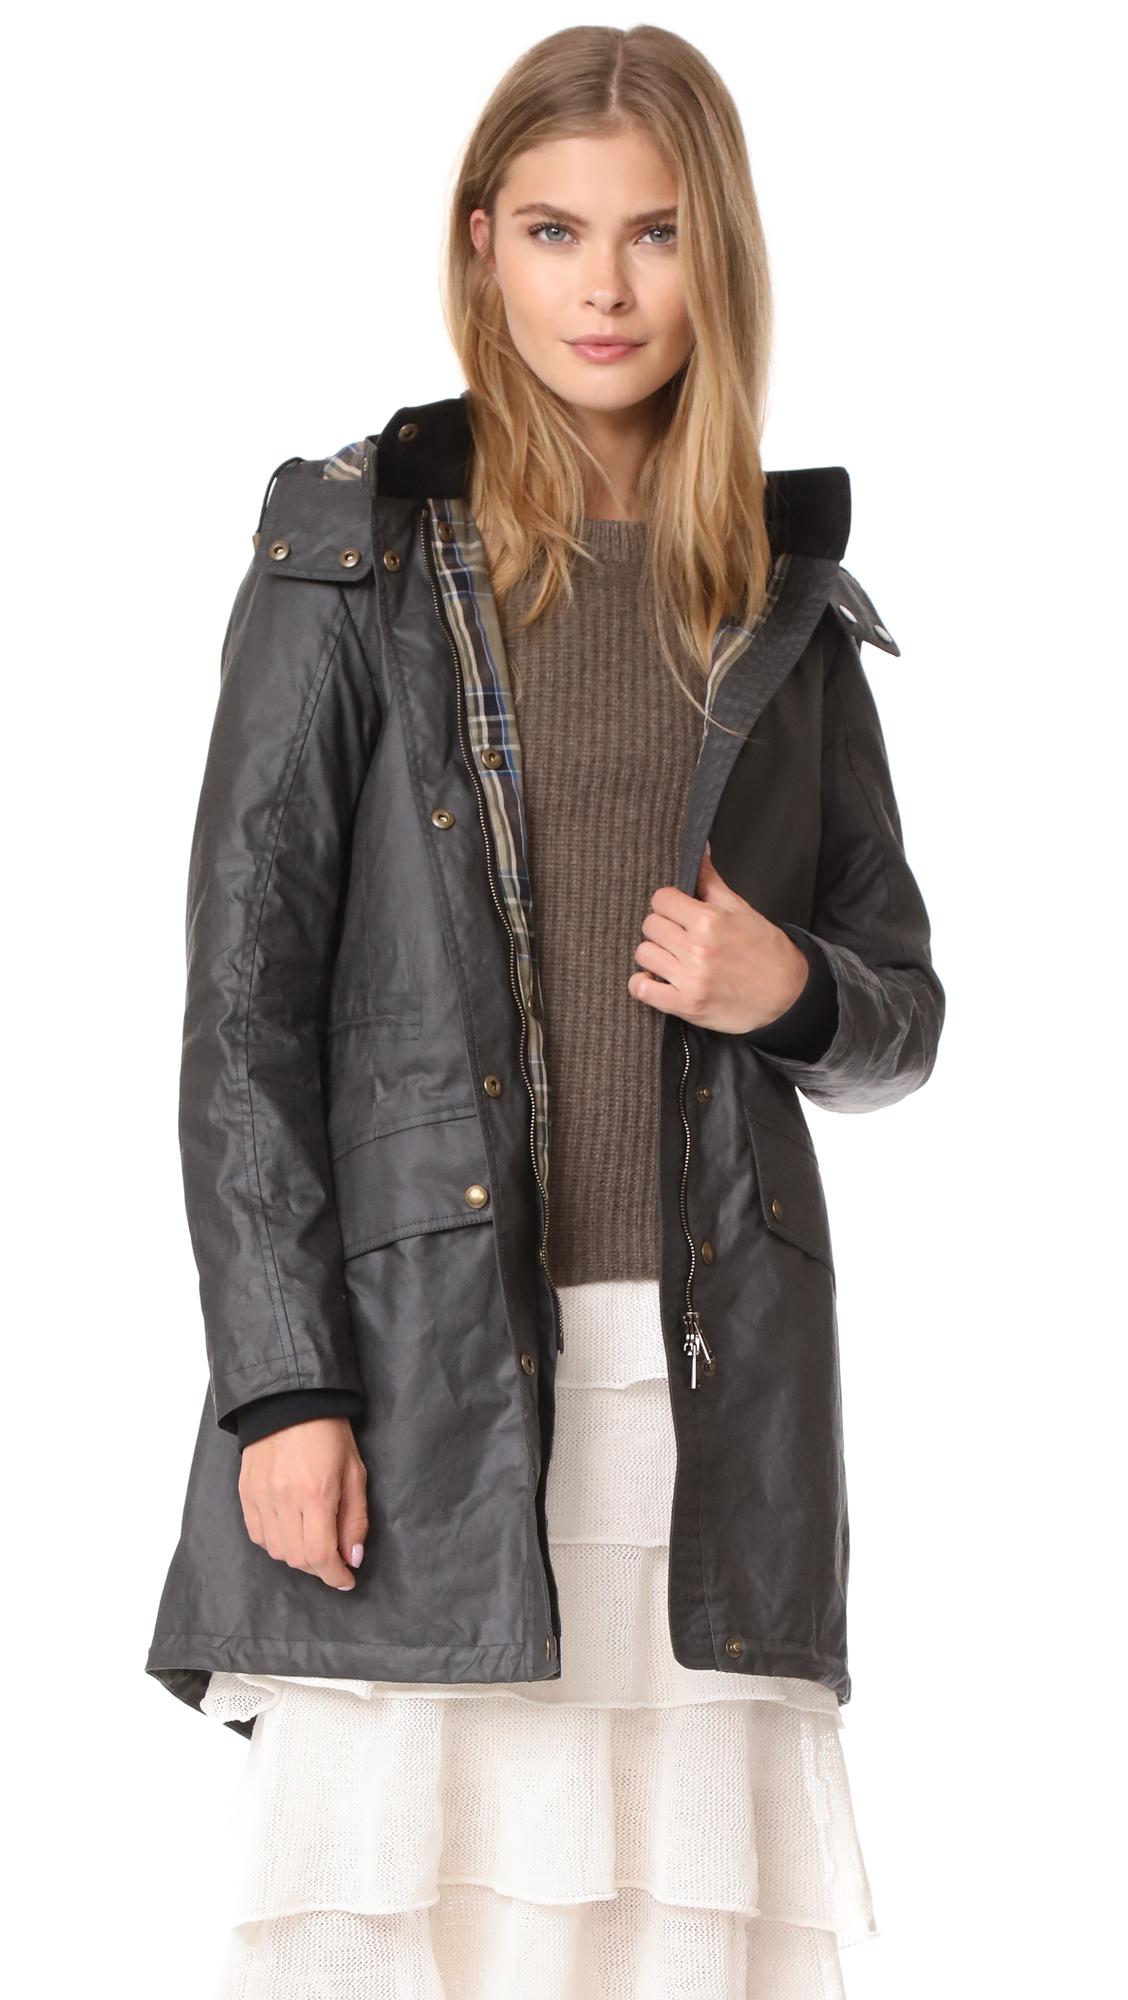 Belstaff Wembury Waxed Cotton Jacket - Winward Grey